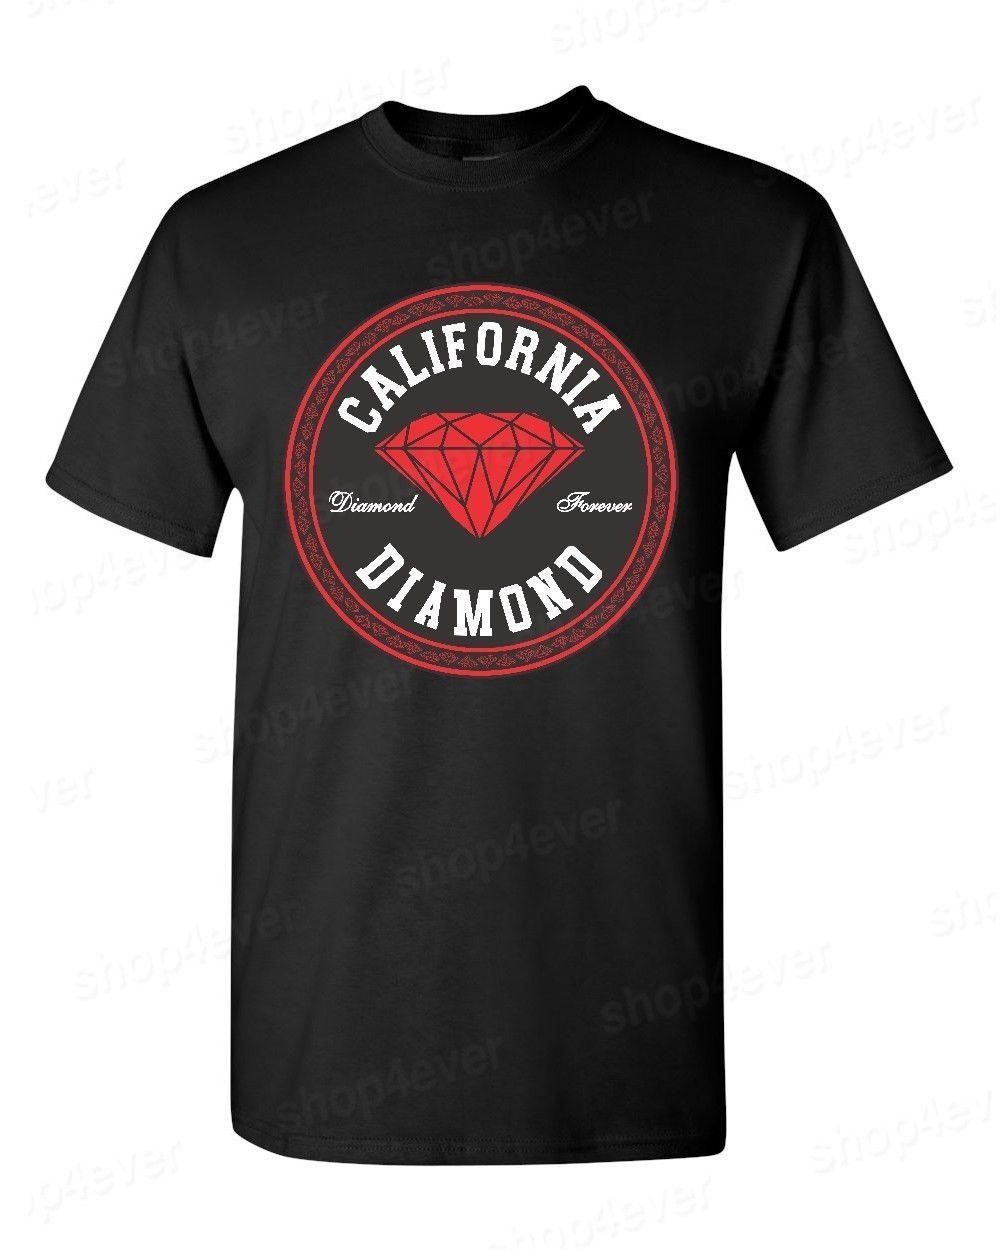 Califórnia Estilo Rodada Diamante Camiseta Lembrança Cali Diamante Para Sempre Moda Tee